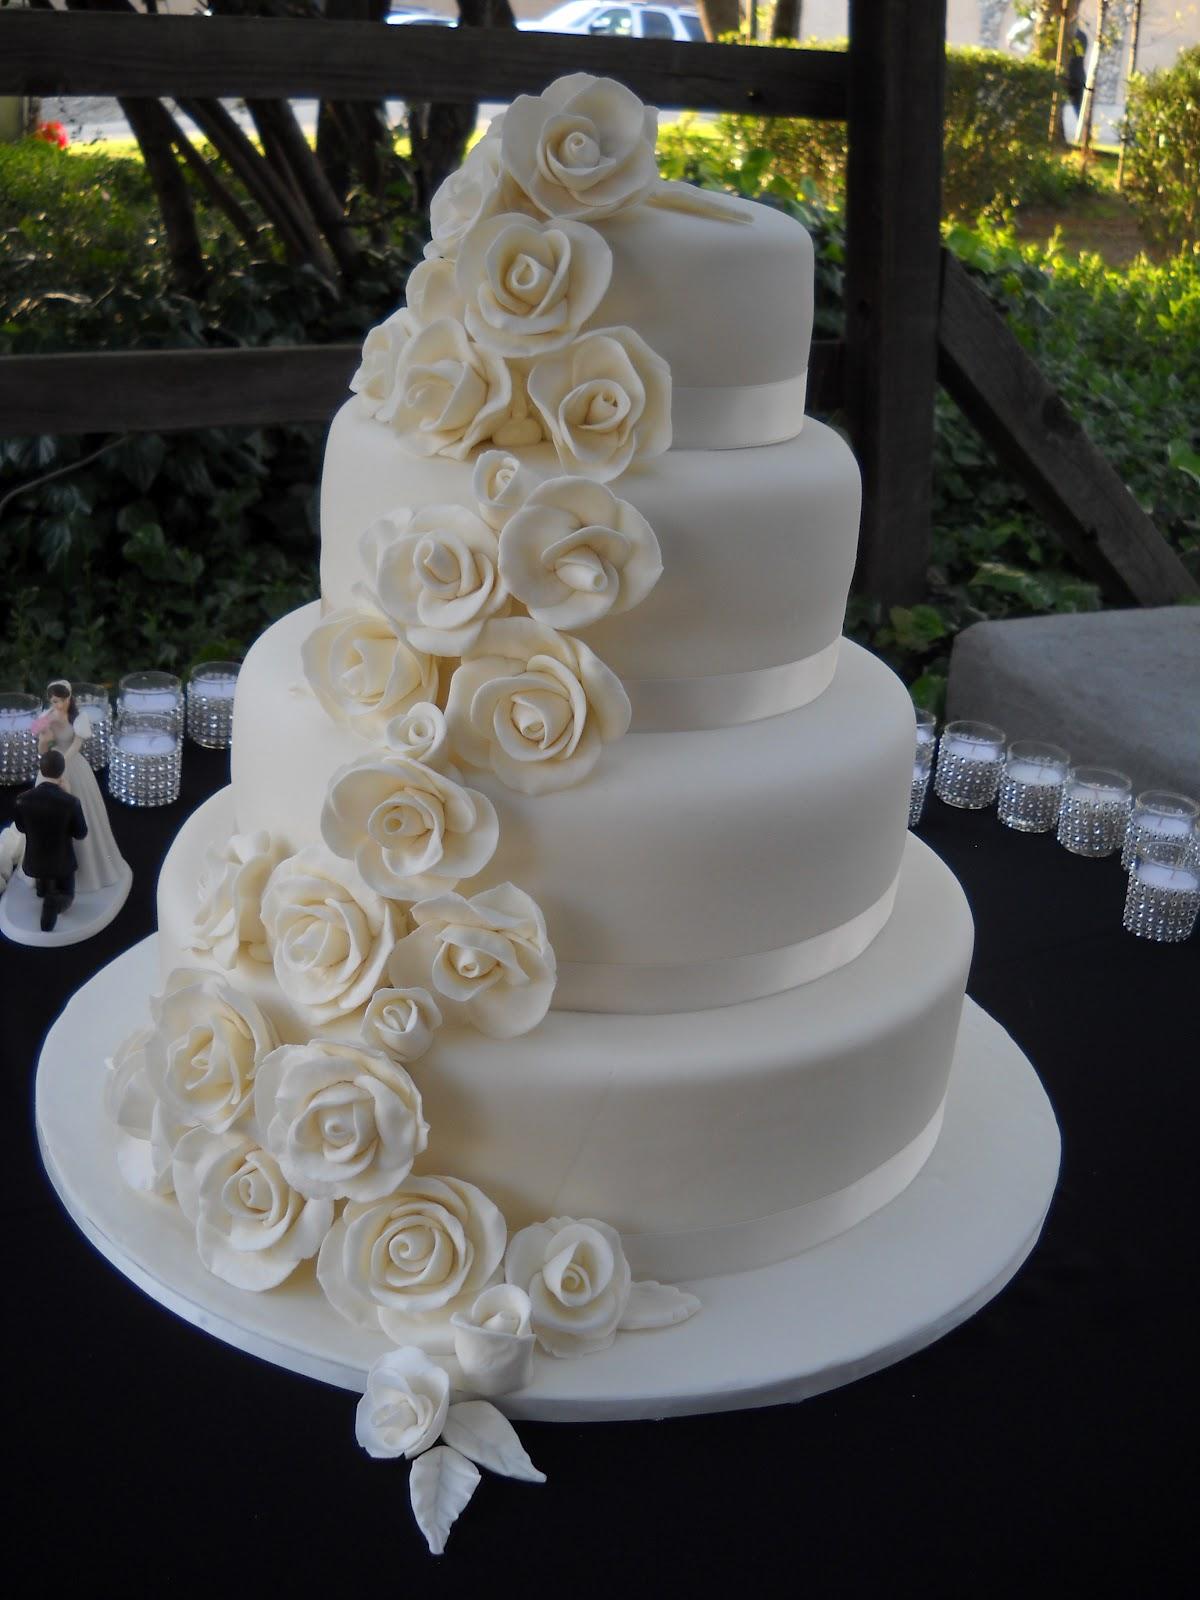 Ashleys Fondant Rose Wedding Cake